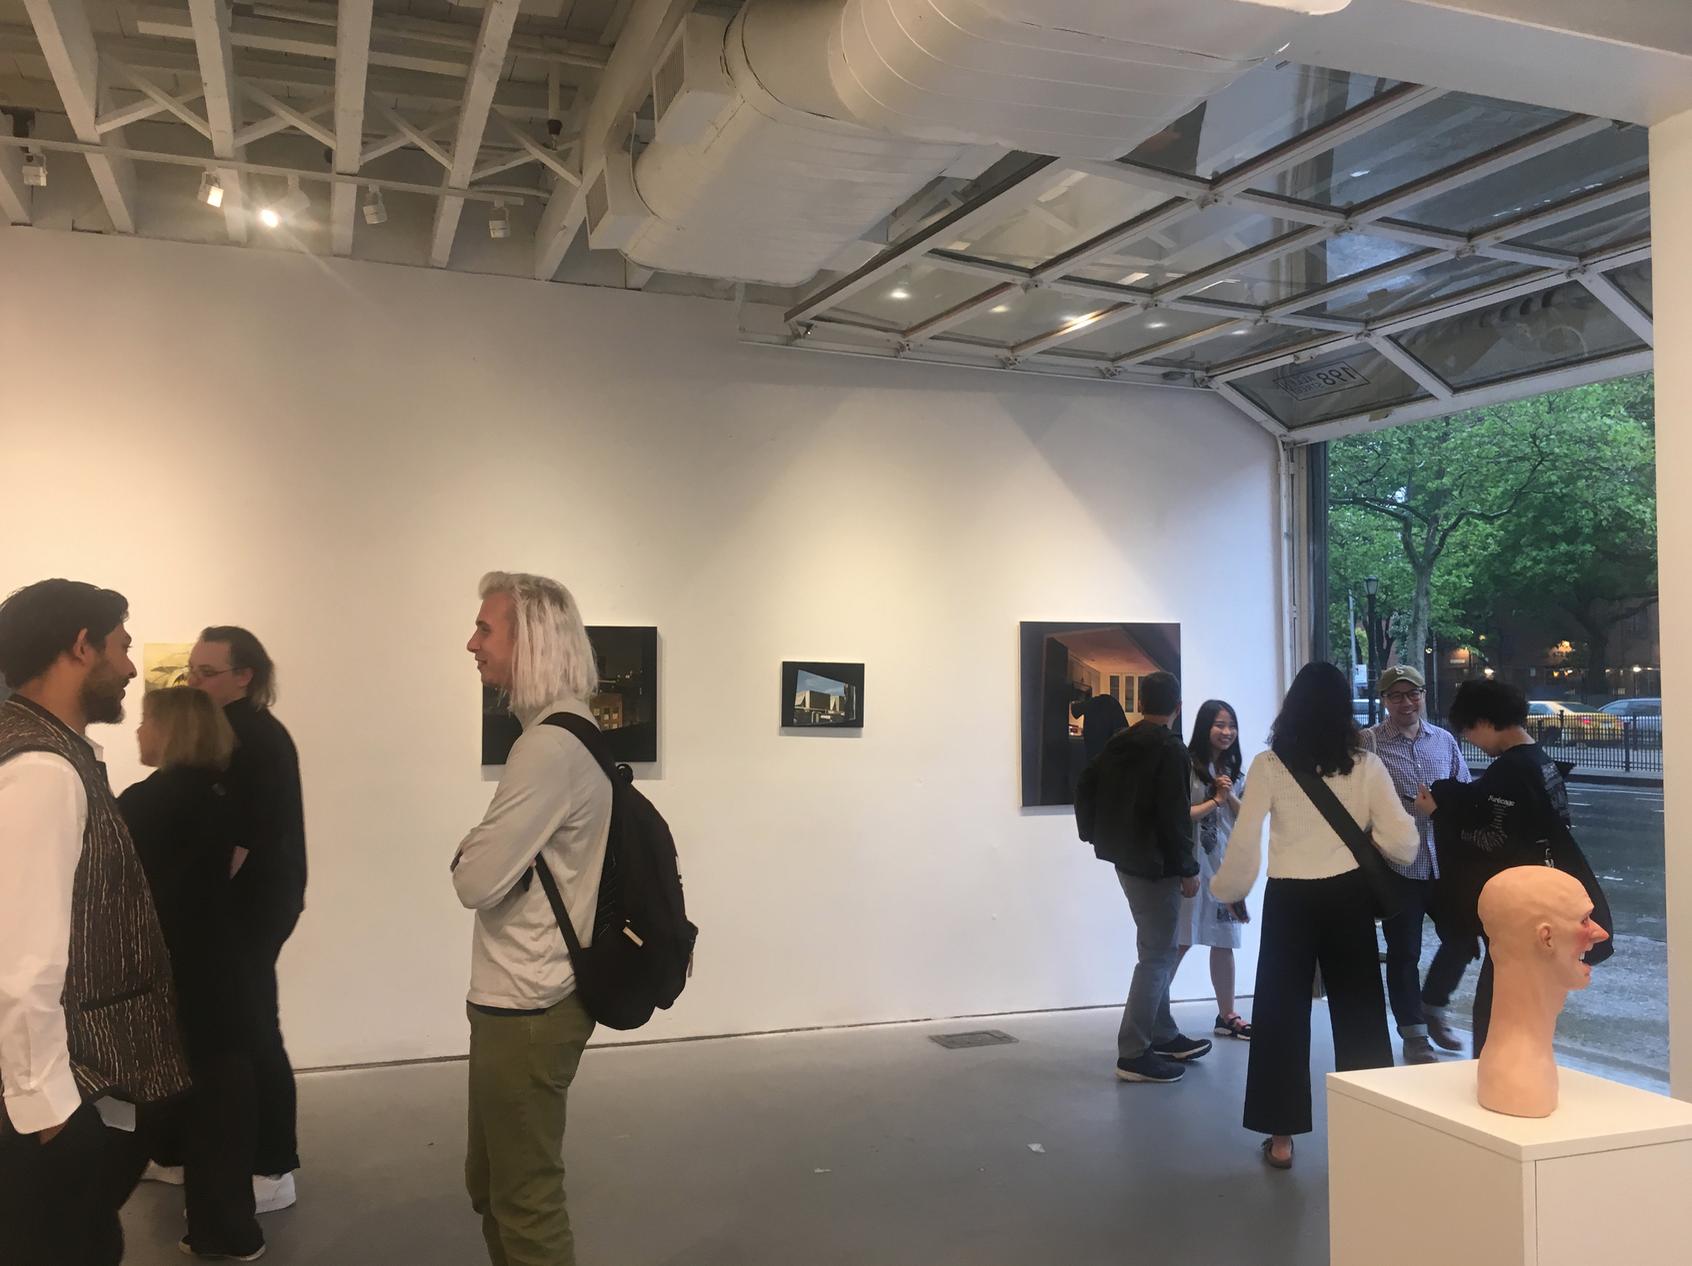 采访艺术家胡雅文的策展妙想和她的艺术创作过程